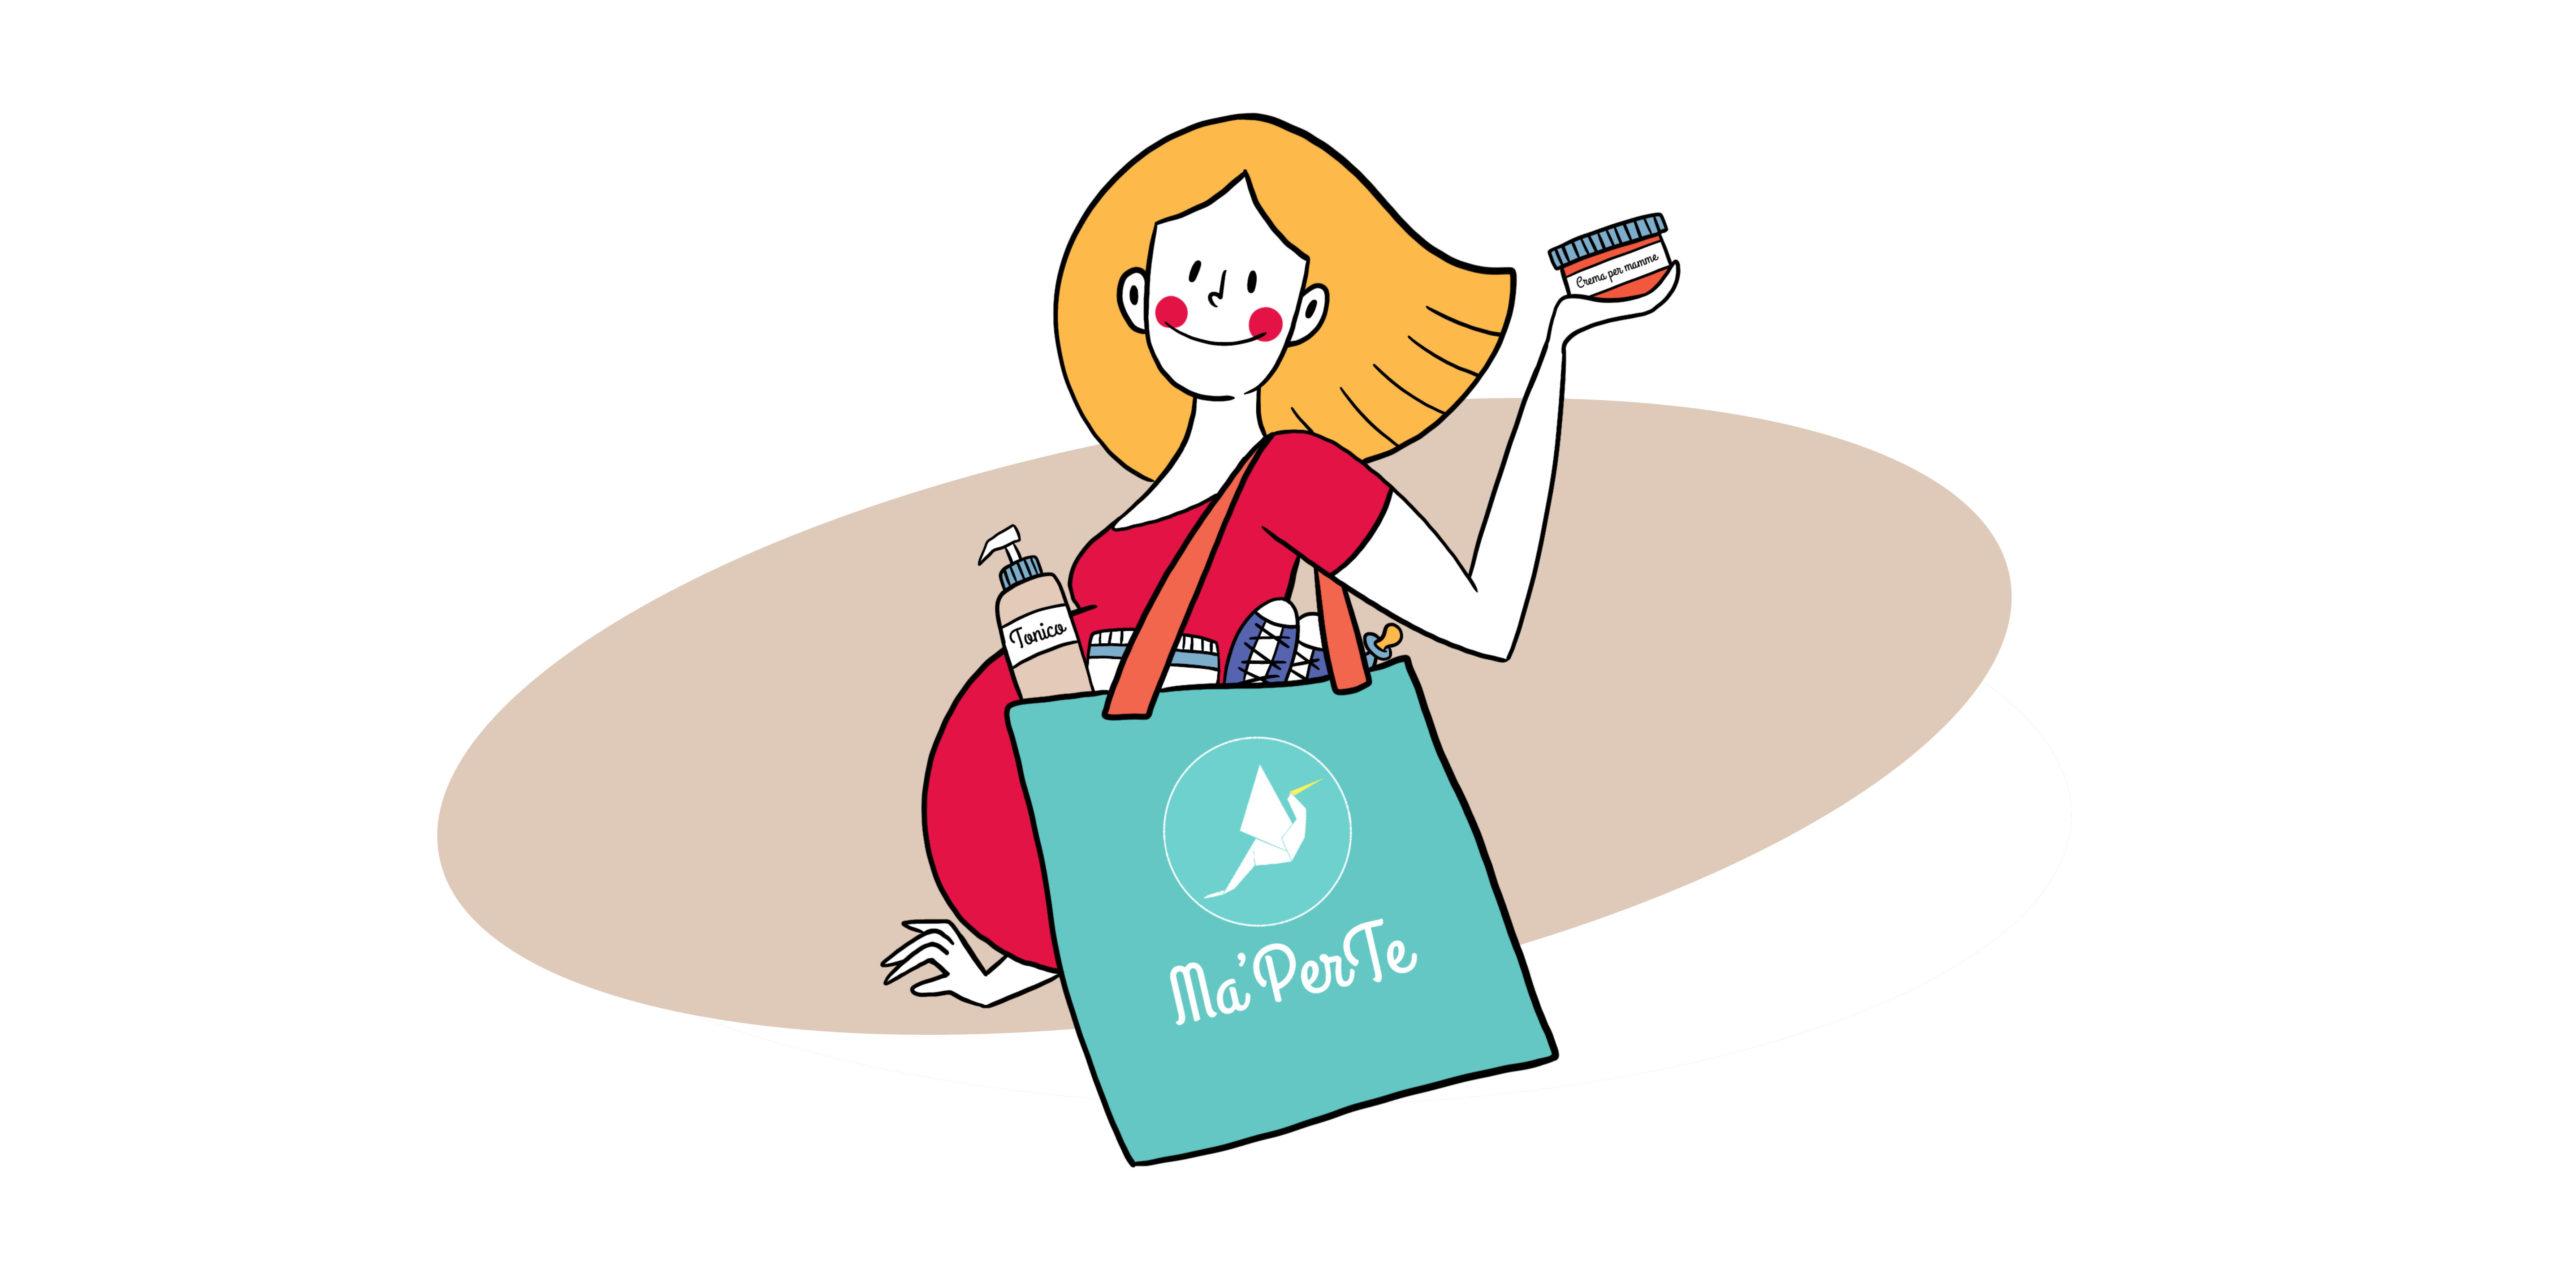 Mamma e shop